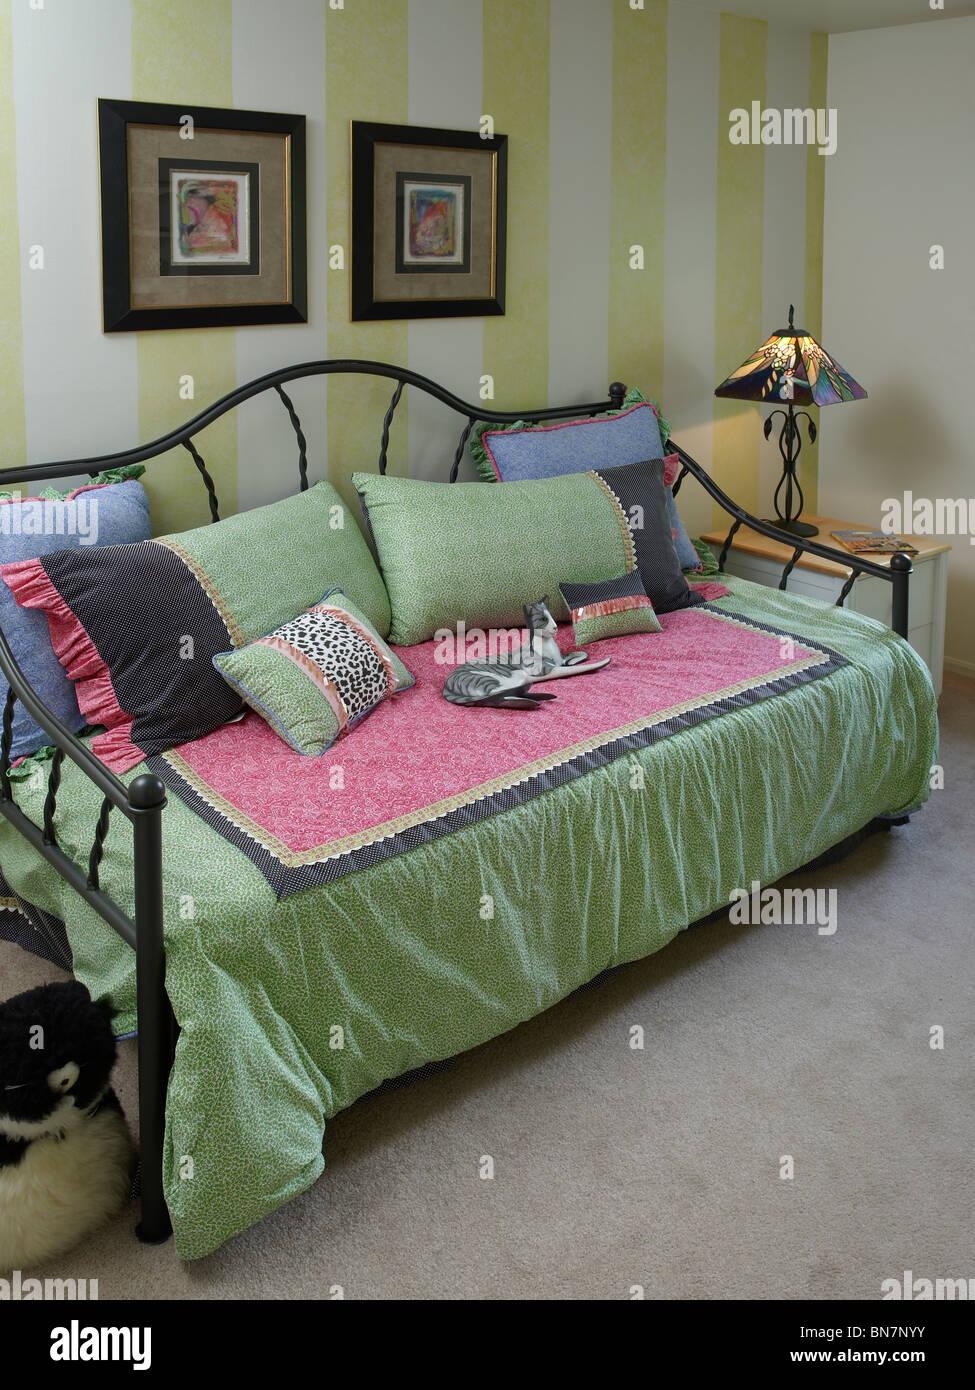 Liege Sofacouch im Schlafzimmer, Pennsylvania, USA Stockbild